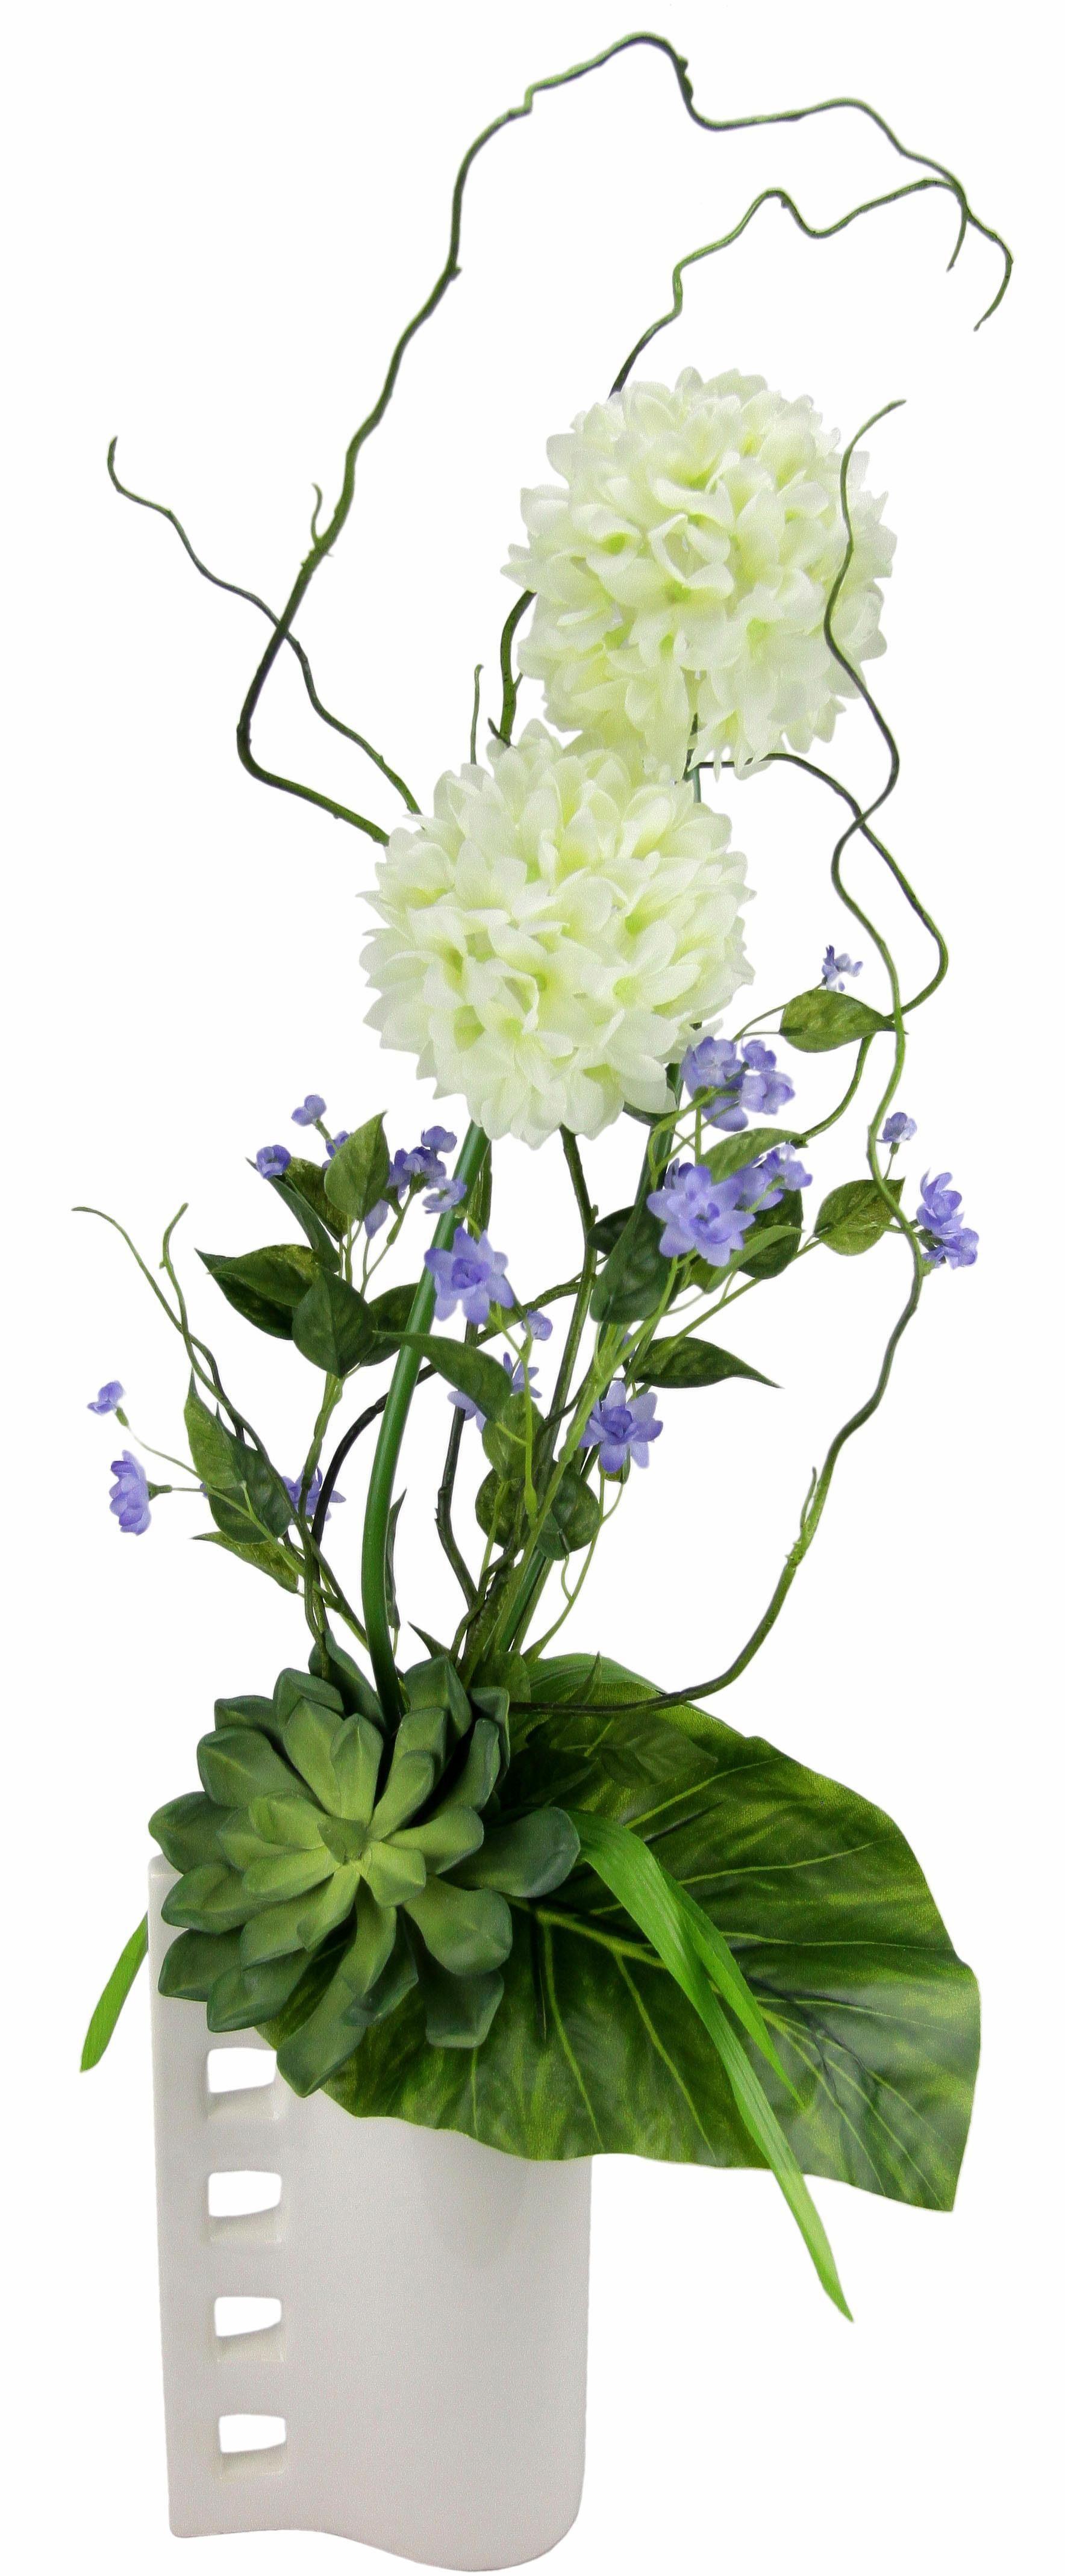 Home affaire Kunstblume »Allium« in Vase